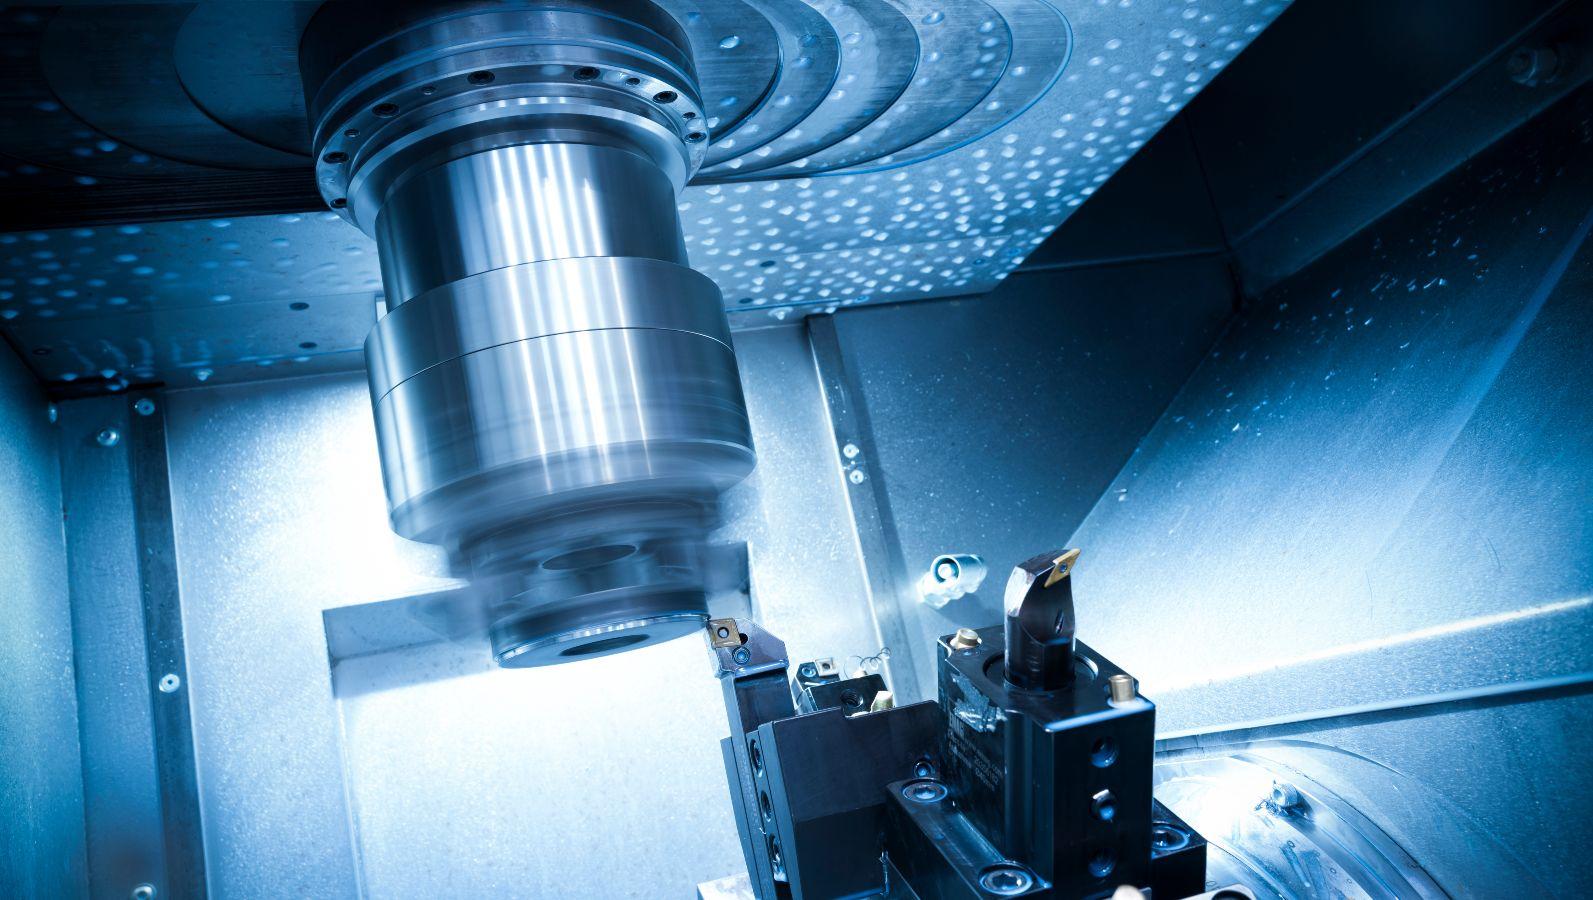 Innenansicht einer CNC-Drehmaschine. Der Maschinenkopf dreht sich für die spanende Bearbeitung eines Bauteils.